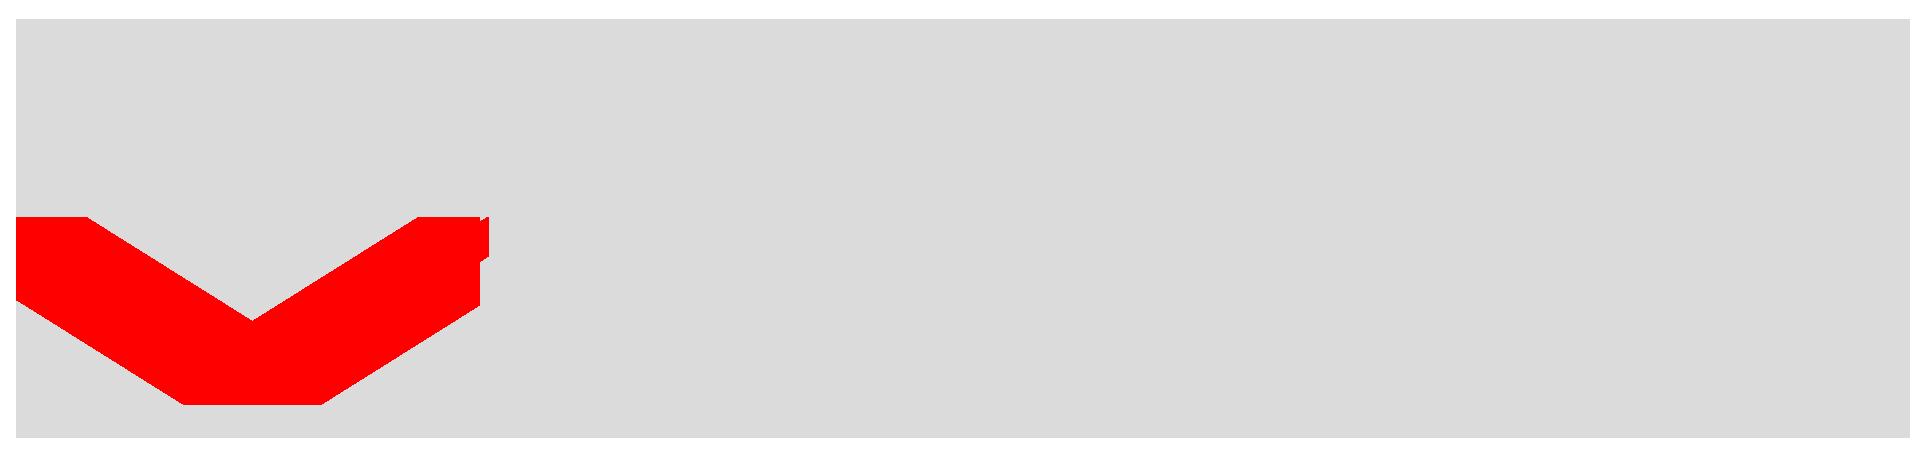 Megan Racing Parts